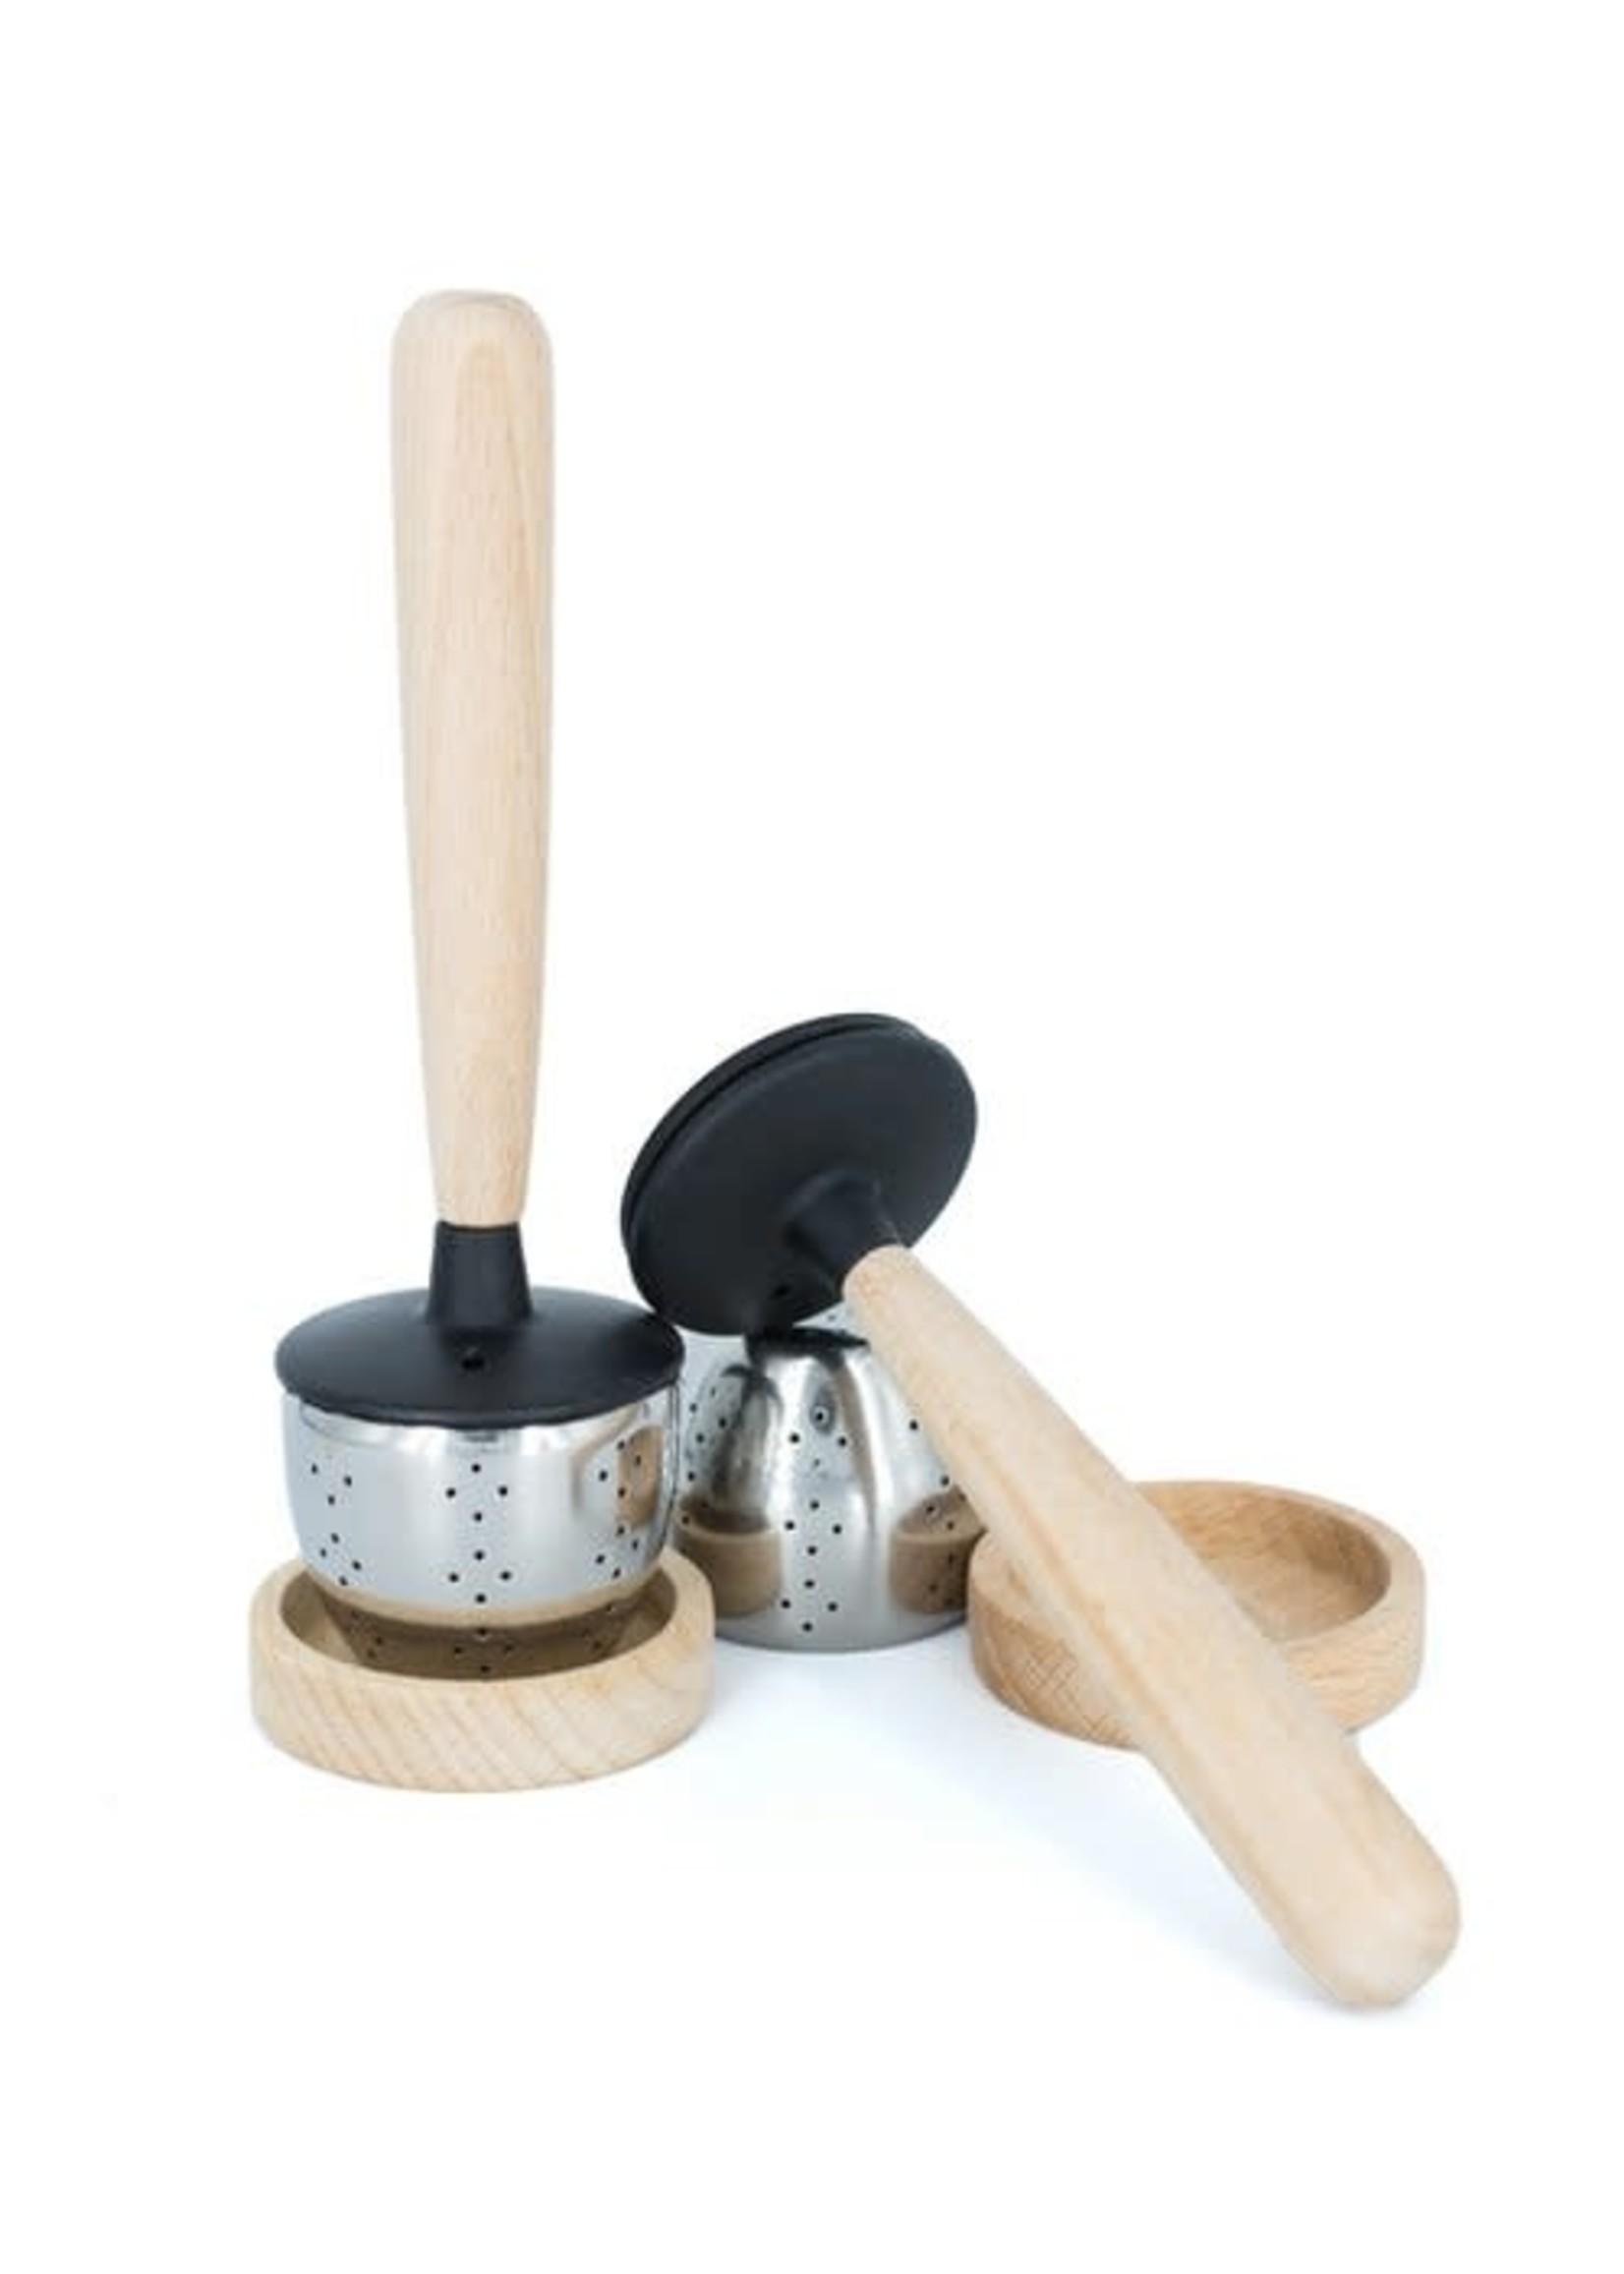 Thee zeefje met houten handvat